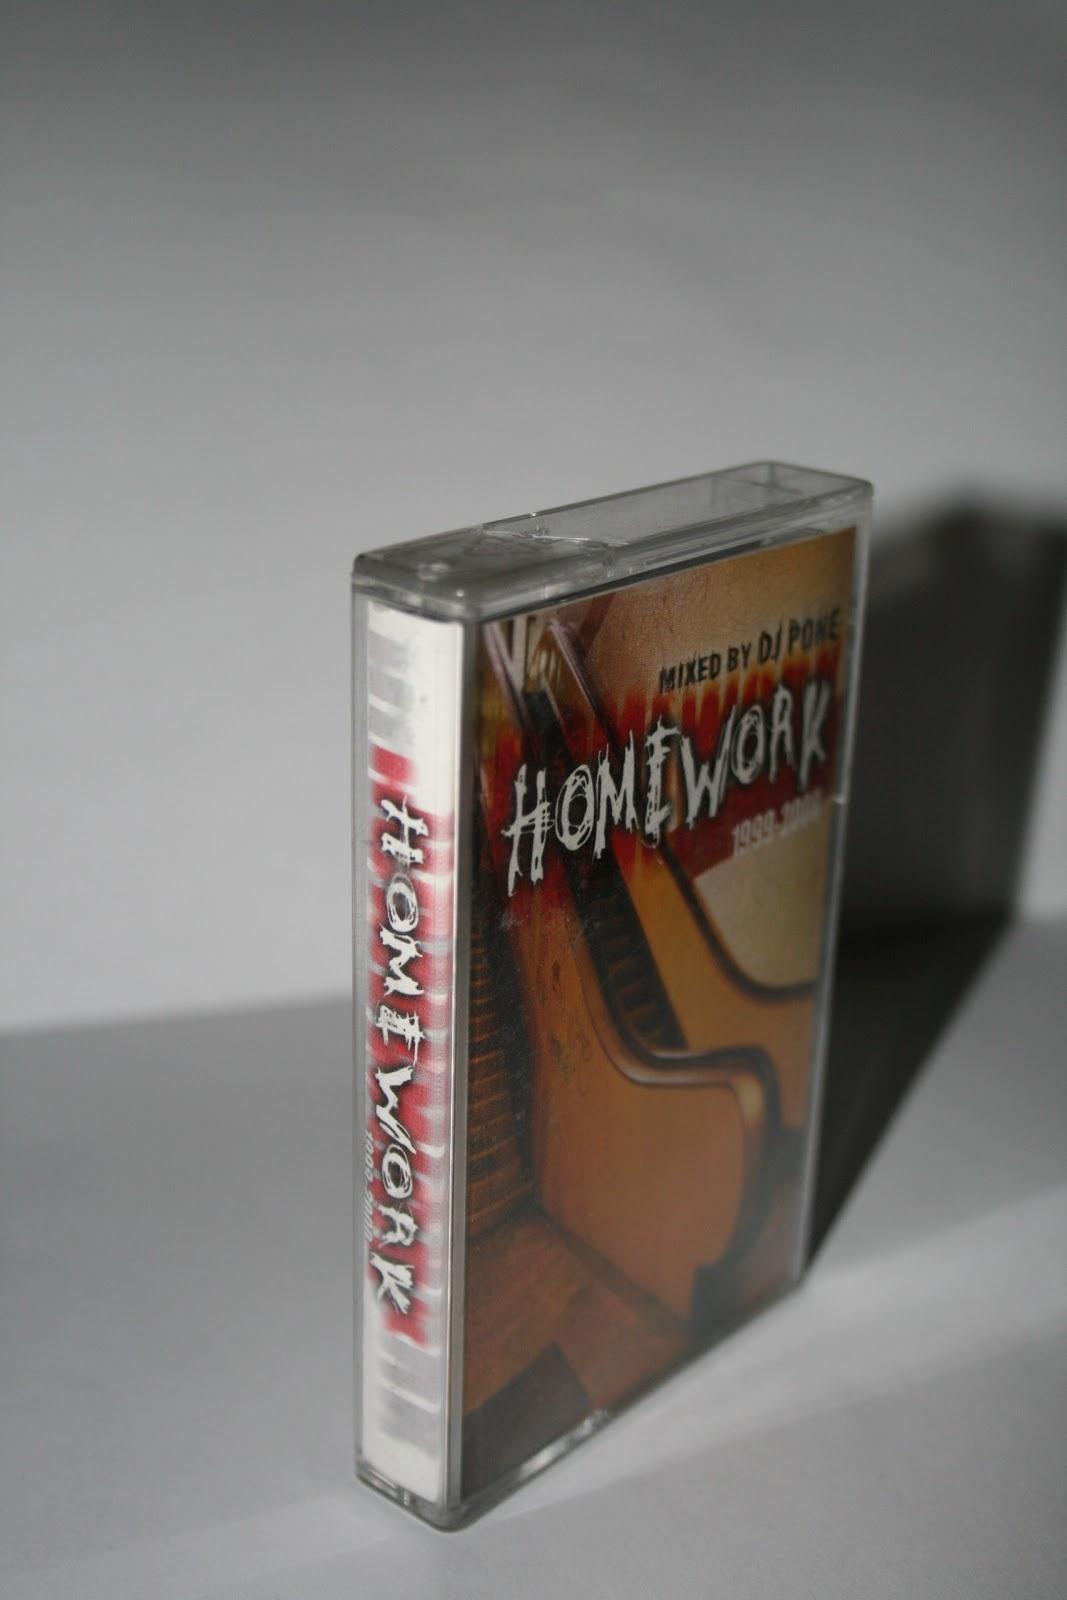 dj pone homework 02